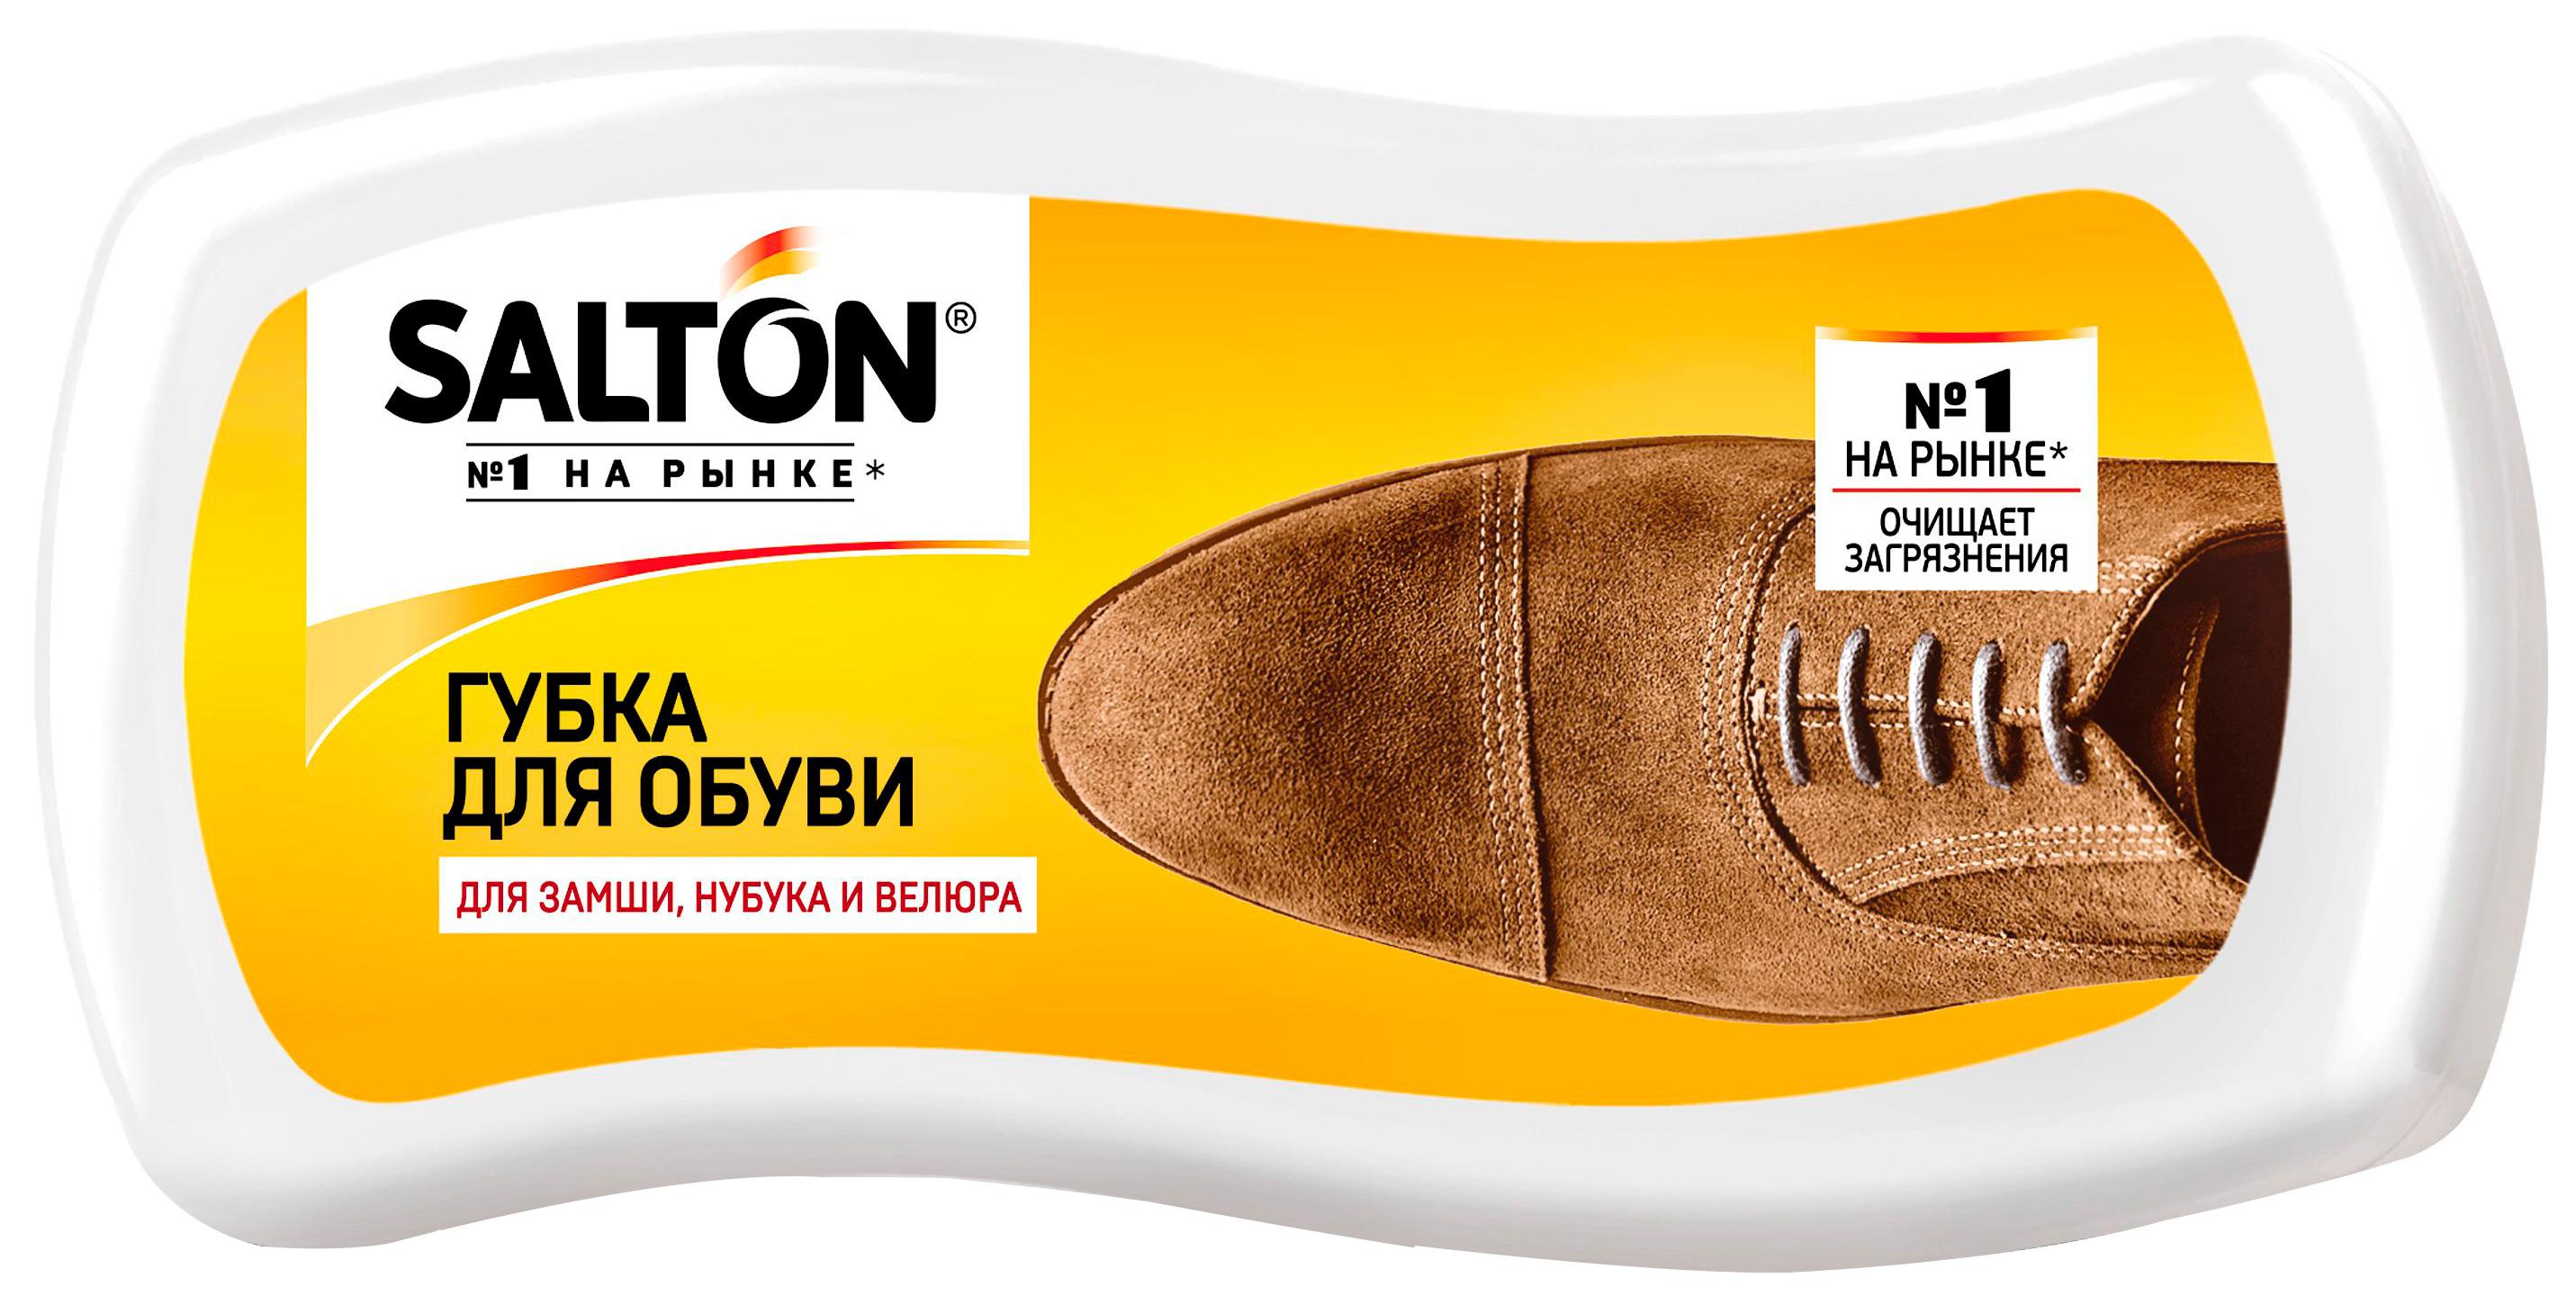 Губка для обуви Salton губка